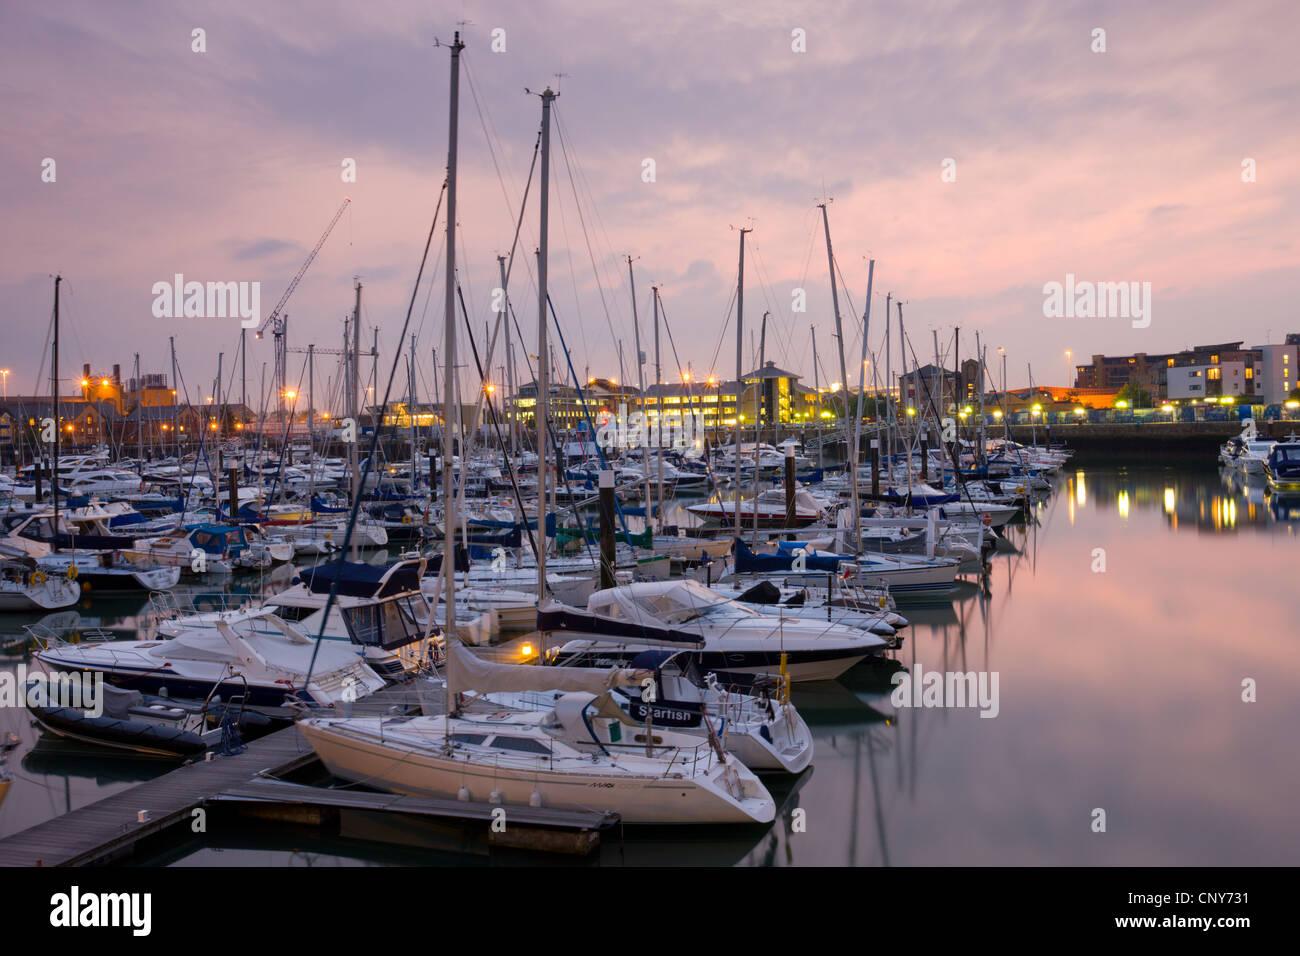 Yachts moored at Ocean Village Marina, Southampton, Hampshire, England - Stock Image